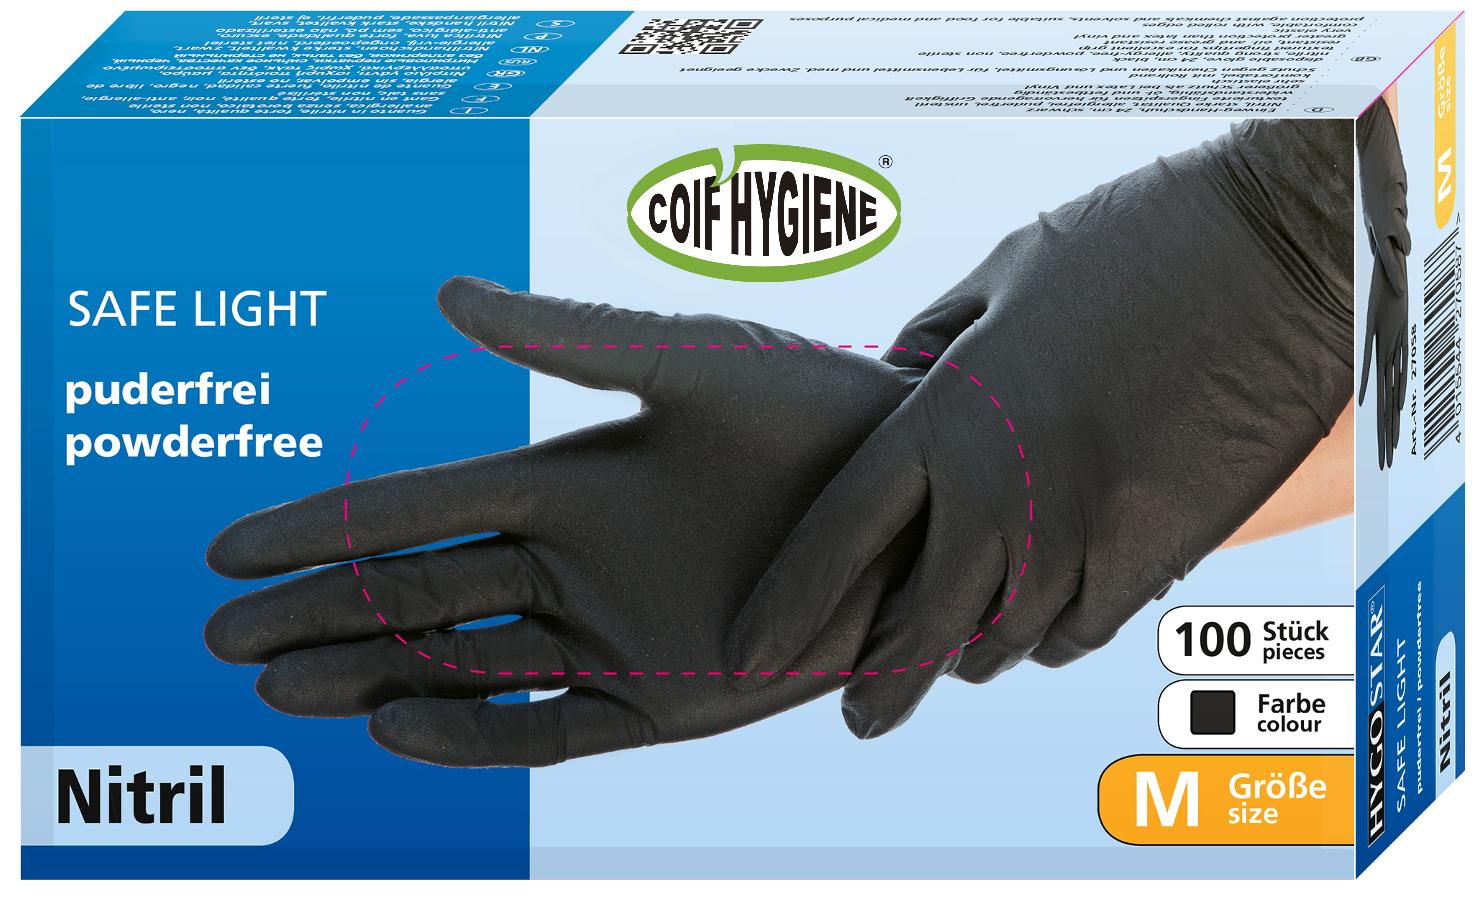 Confezione da 100 guanti usa e getta. 100